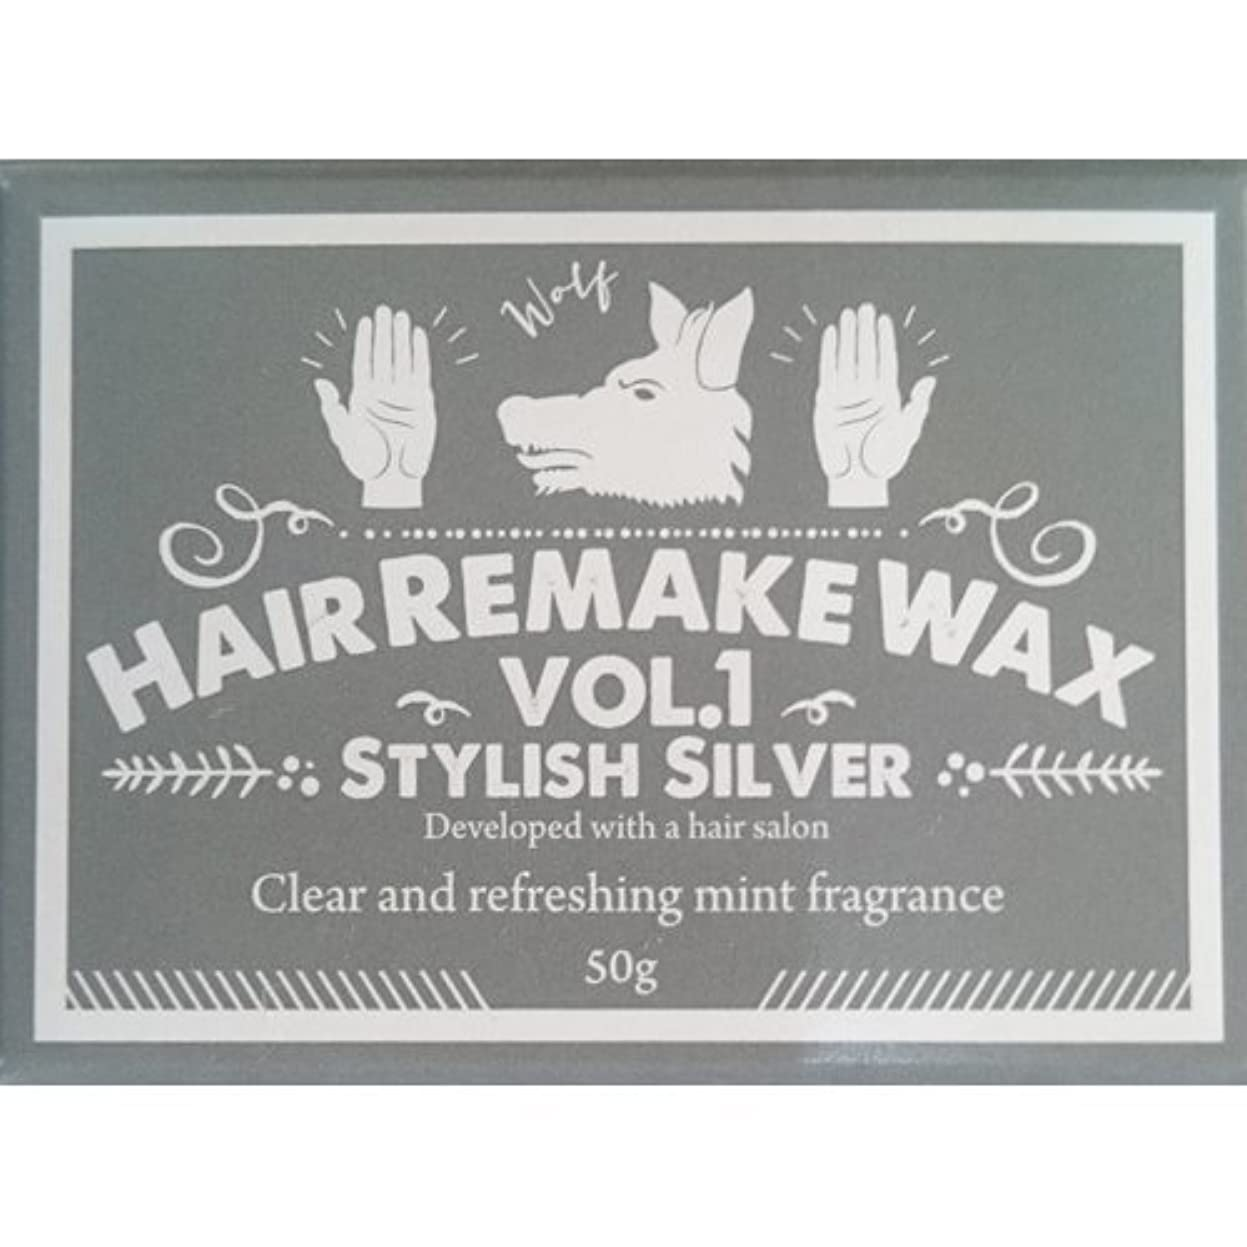 ほとんどないパトロンドラゴンパーティー 変装 銀髪用 Hair Remake(ヘアーリメイクワックス)WAX Vol.1 スタイリッシュシルバー 50g